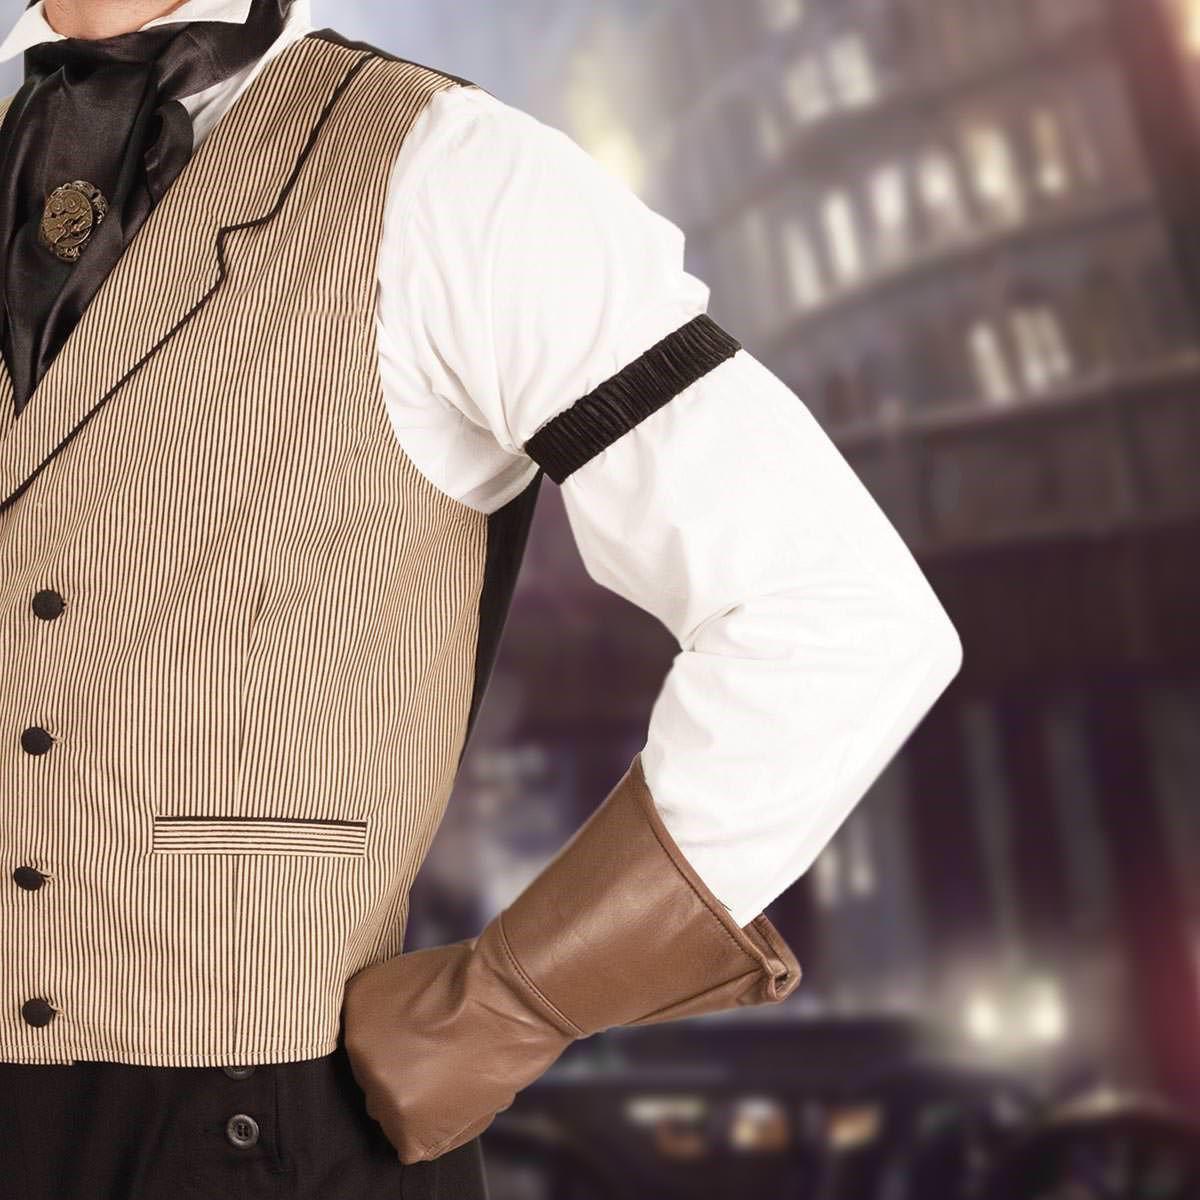 Men's Shirt Sleeve Garters closeup